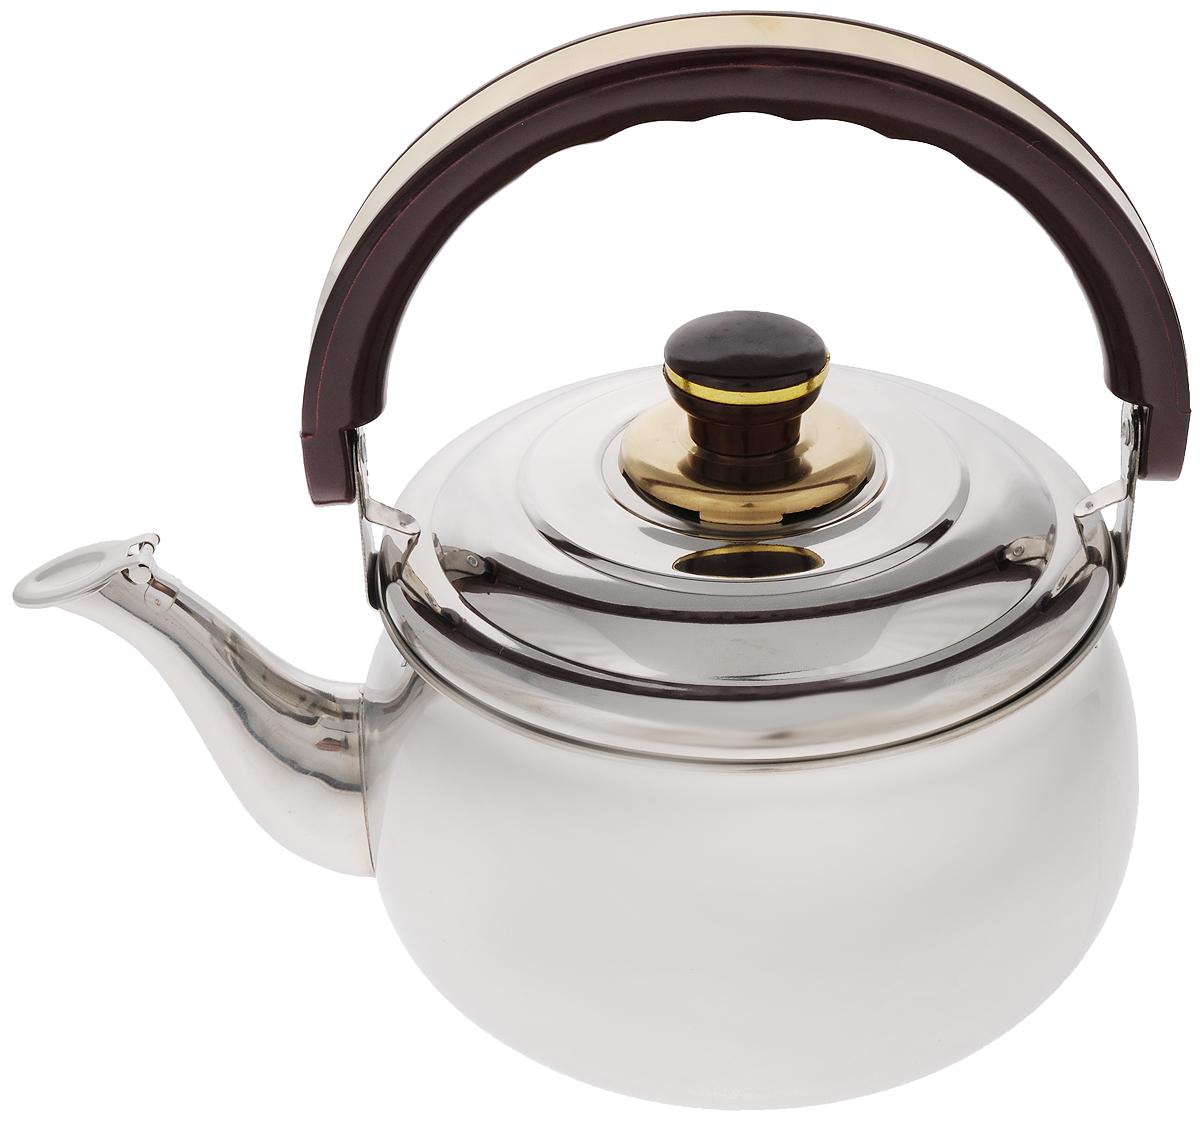 Чайник Mayer & Boch, со свистком, 3 л. 10364128Чайник Mayer & Boch изготовлен из высококачественной нержавеющей стали с зеркальной полировкой. Крышка чайника оснащена свистком, что позволит контролировать процесс подогрева или кипячения воды. Подвижная бакелитовая ручка имеет эргономичную форму, обеспечивая дополнительное удобство при разлитии напитка. Широкое верхнее отверстие позволит удобно налить воду. Чайник подходит для использования на электрических, газовых, стеклокерамических плитах. Можно мыть в посудомоечной машине.Диаметр чайника по верхнему краю: 18 см.Высота чайника (без учета ручки и крышки): 11 см.